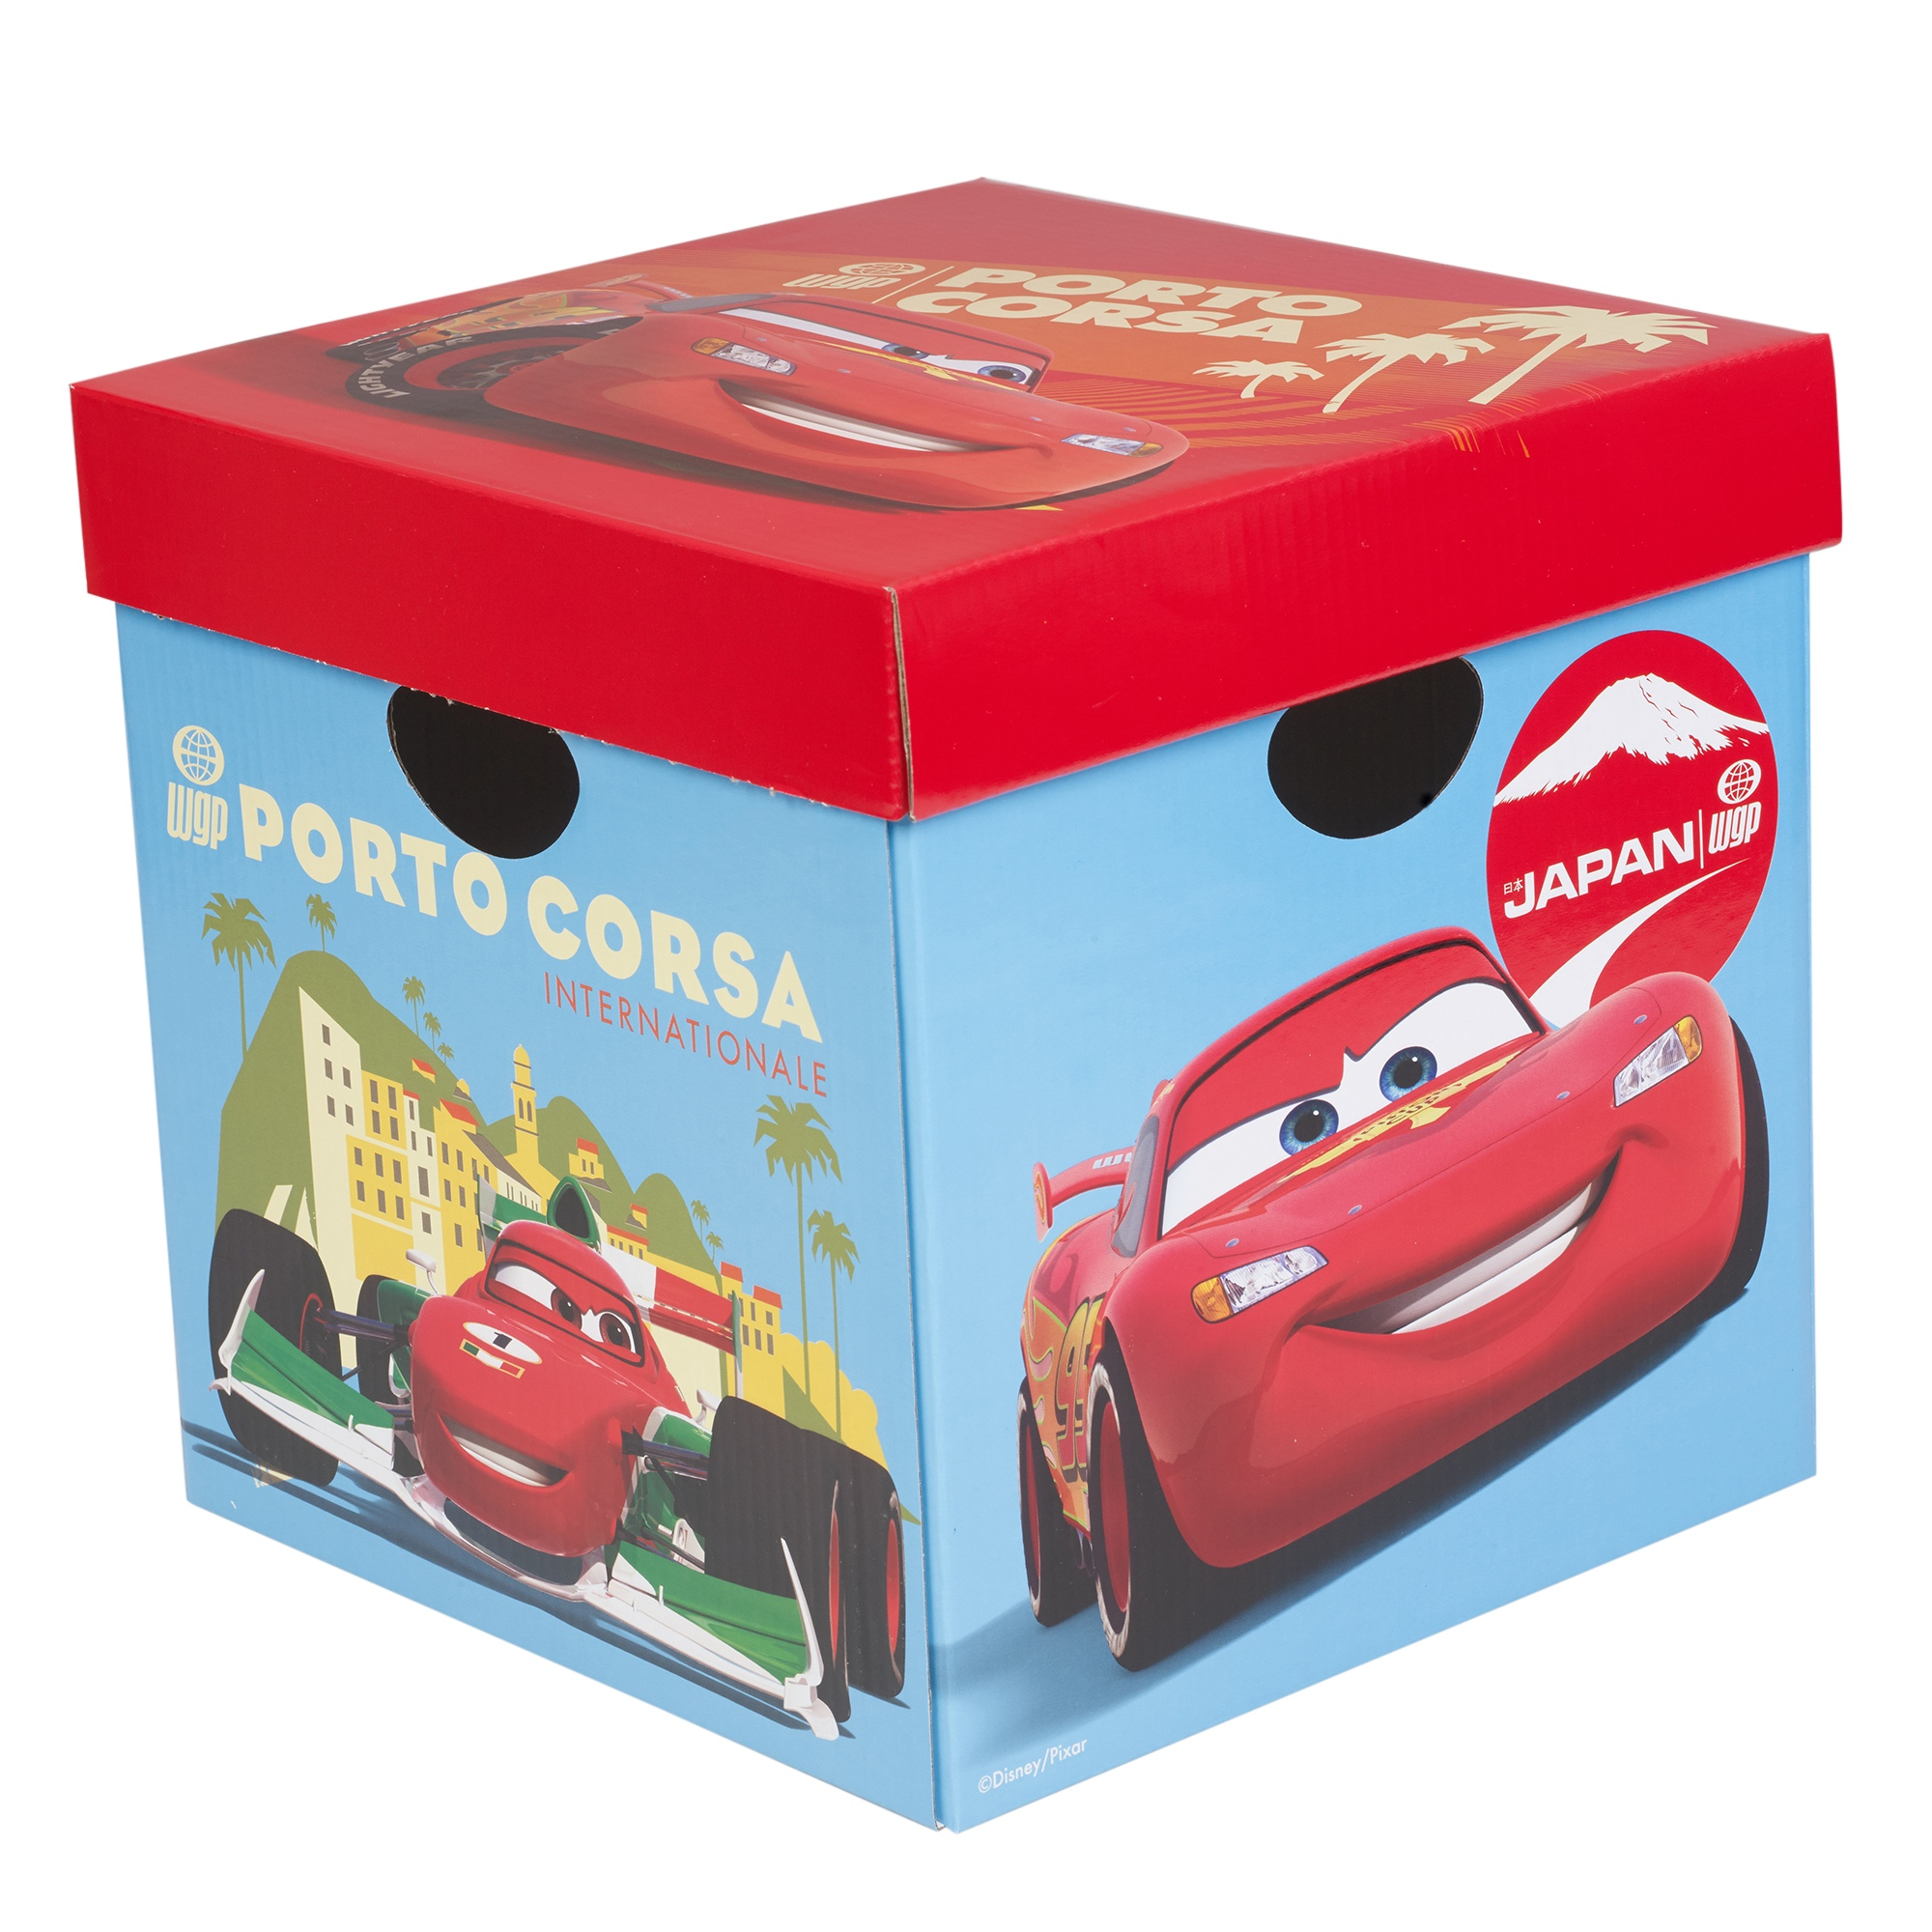 2er set disney cars karton aufbewahrungsboxen mit deckeln. Black Bedroom Furniture Sets. Home Design Ideas